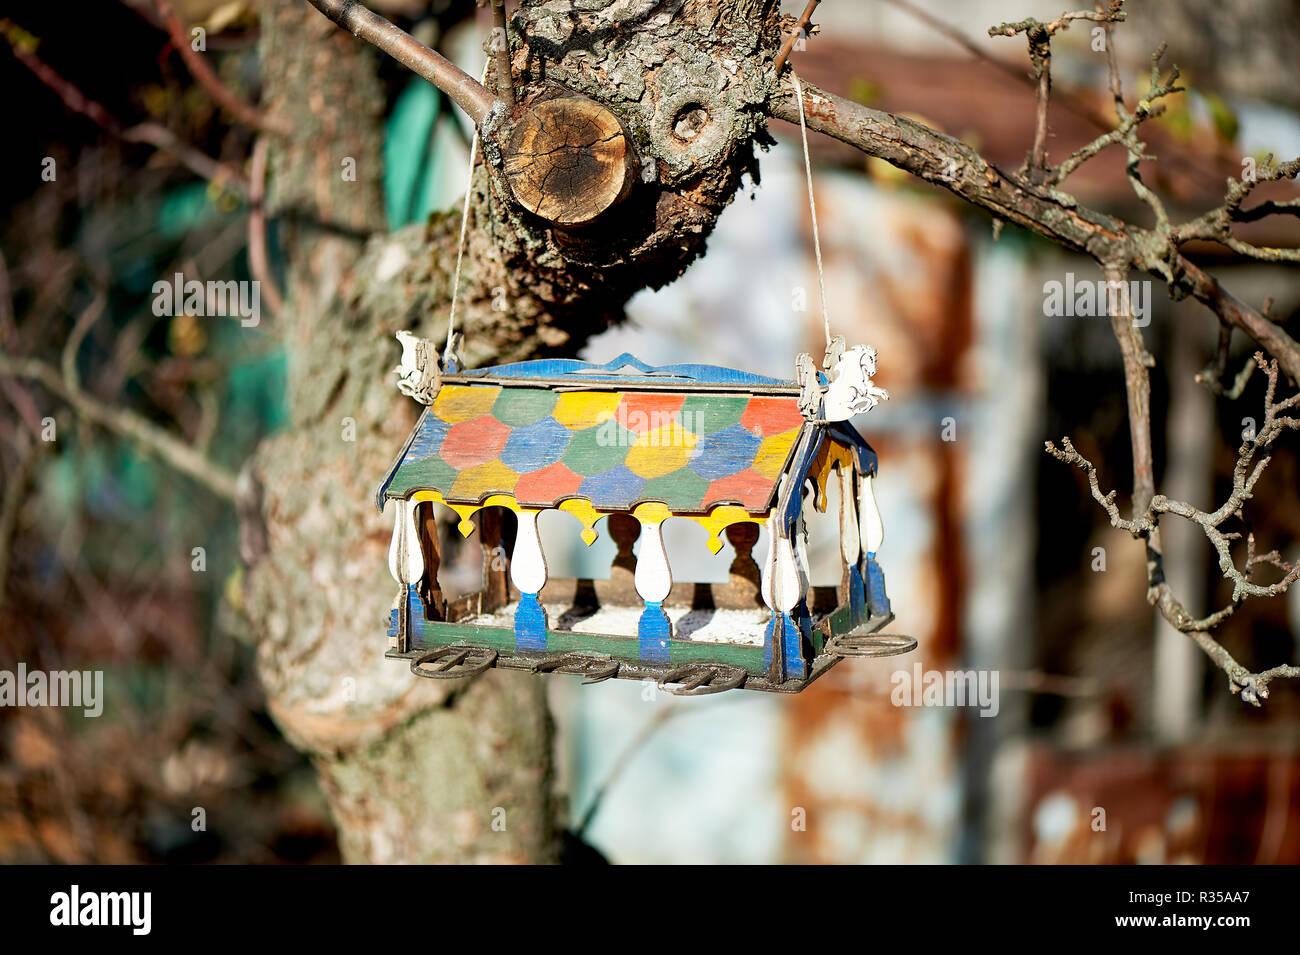 Bemalte hölzerne Haus Vogelhaus auf einen Baum im Garten. Pflege und Fütterung von Vögeln. Stockbild